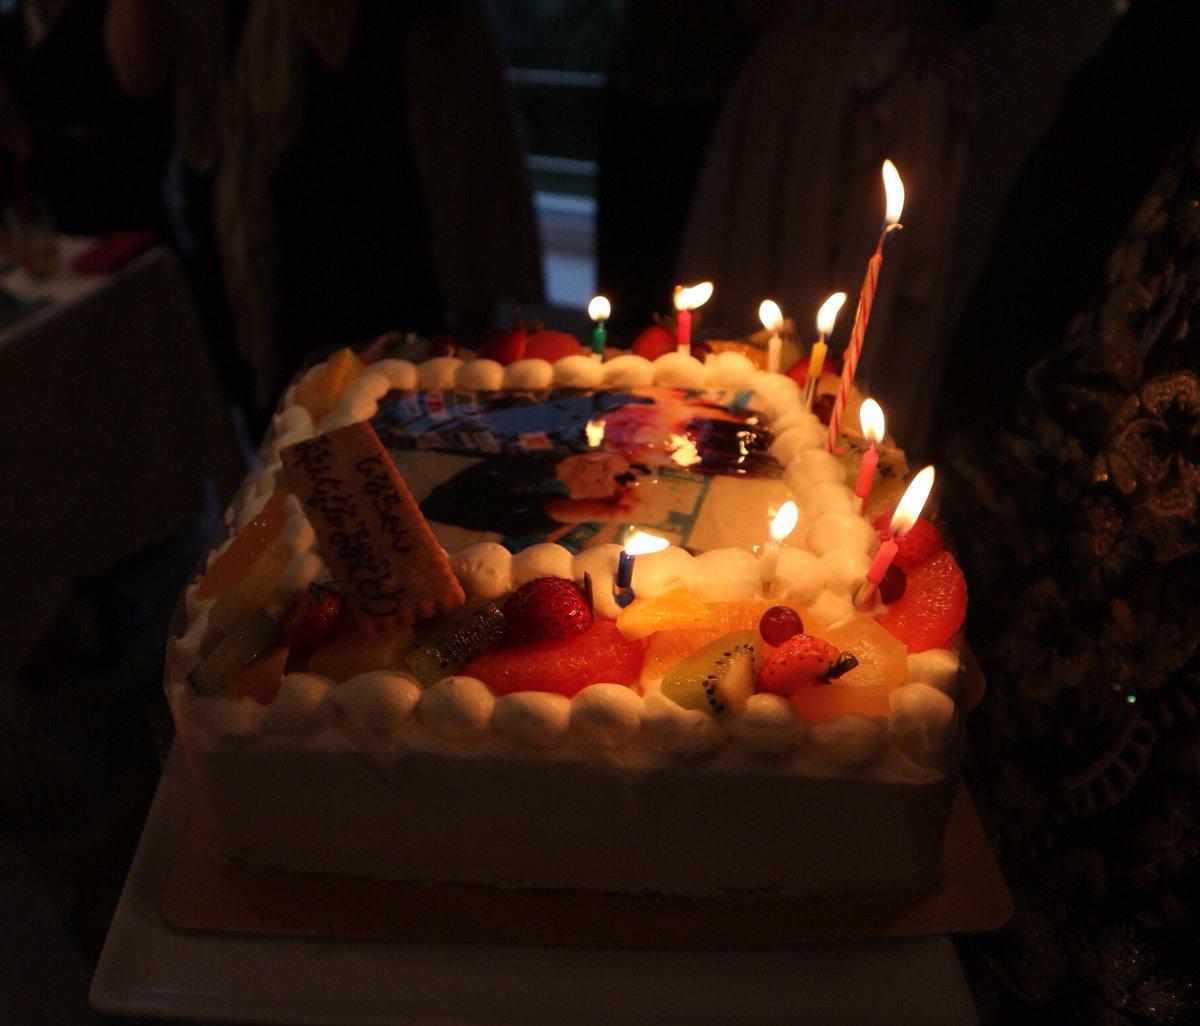 本日18回目の誕生日を迎えました😊✨ 今年は、昨年より良い結果が出せるよう頑張っていきたいと思います💪🏻 再来週からは韓国オープンも始まるので気を引き締めて頑張ります!! お祝いしてくださった方ありがとうございました🙇💕